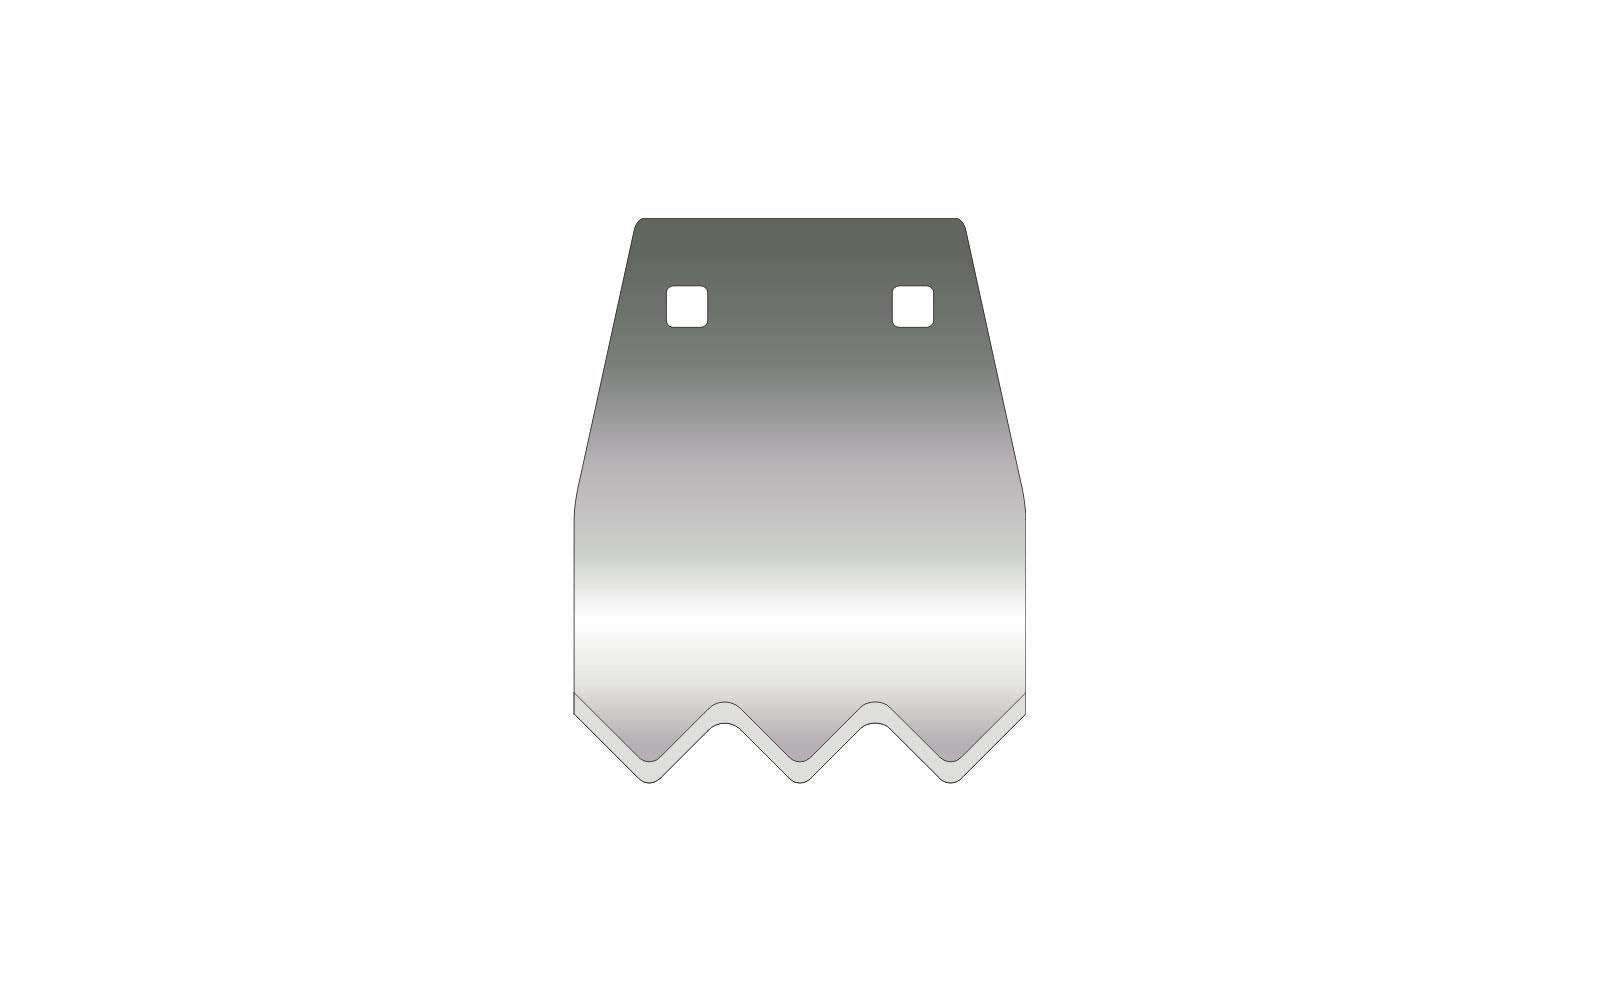 VOGT Frankenklinge B 120 F beidseitig geschliffen für Paneelbreite bis 100 mm